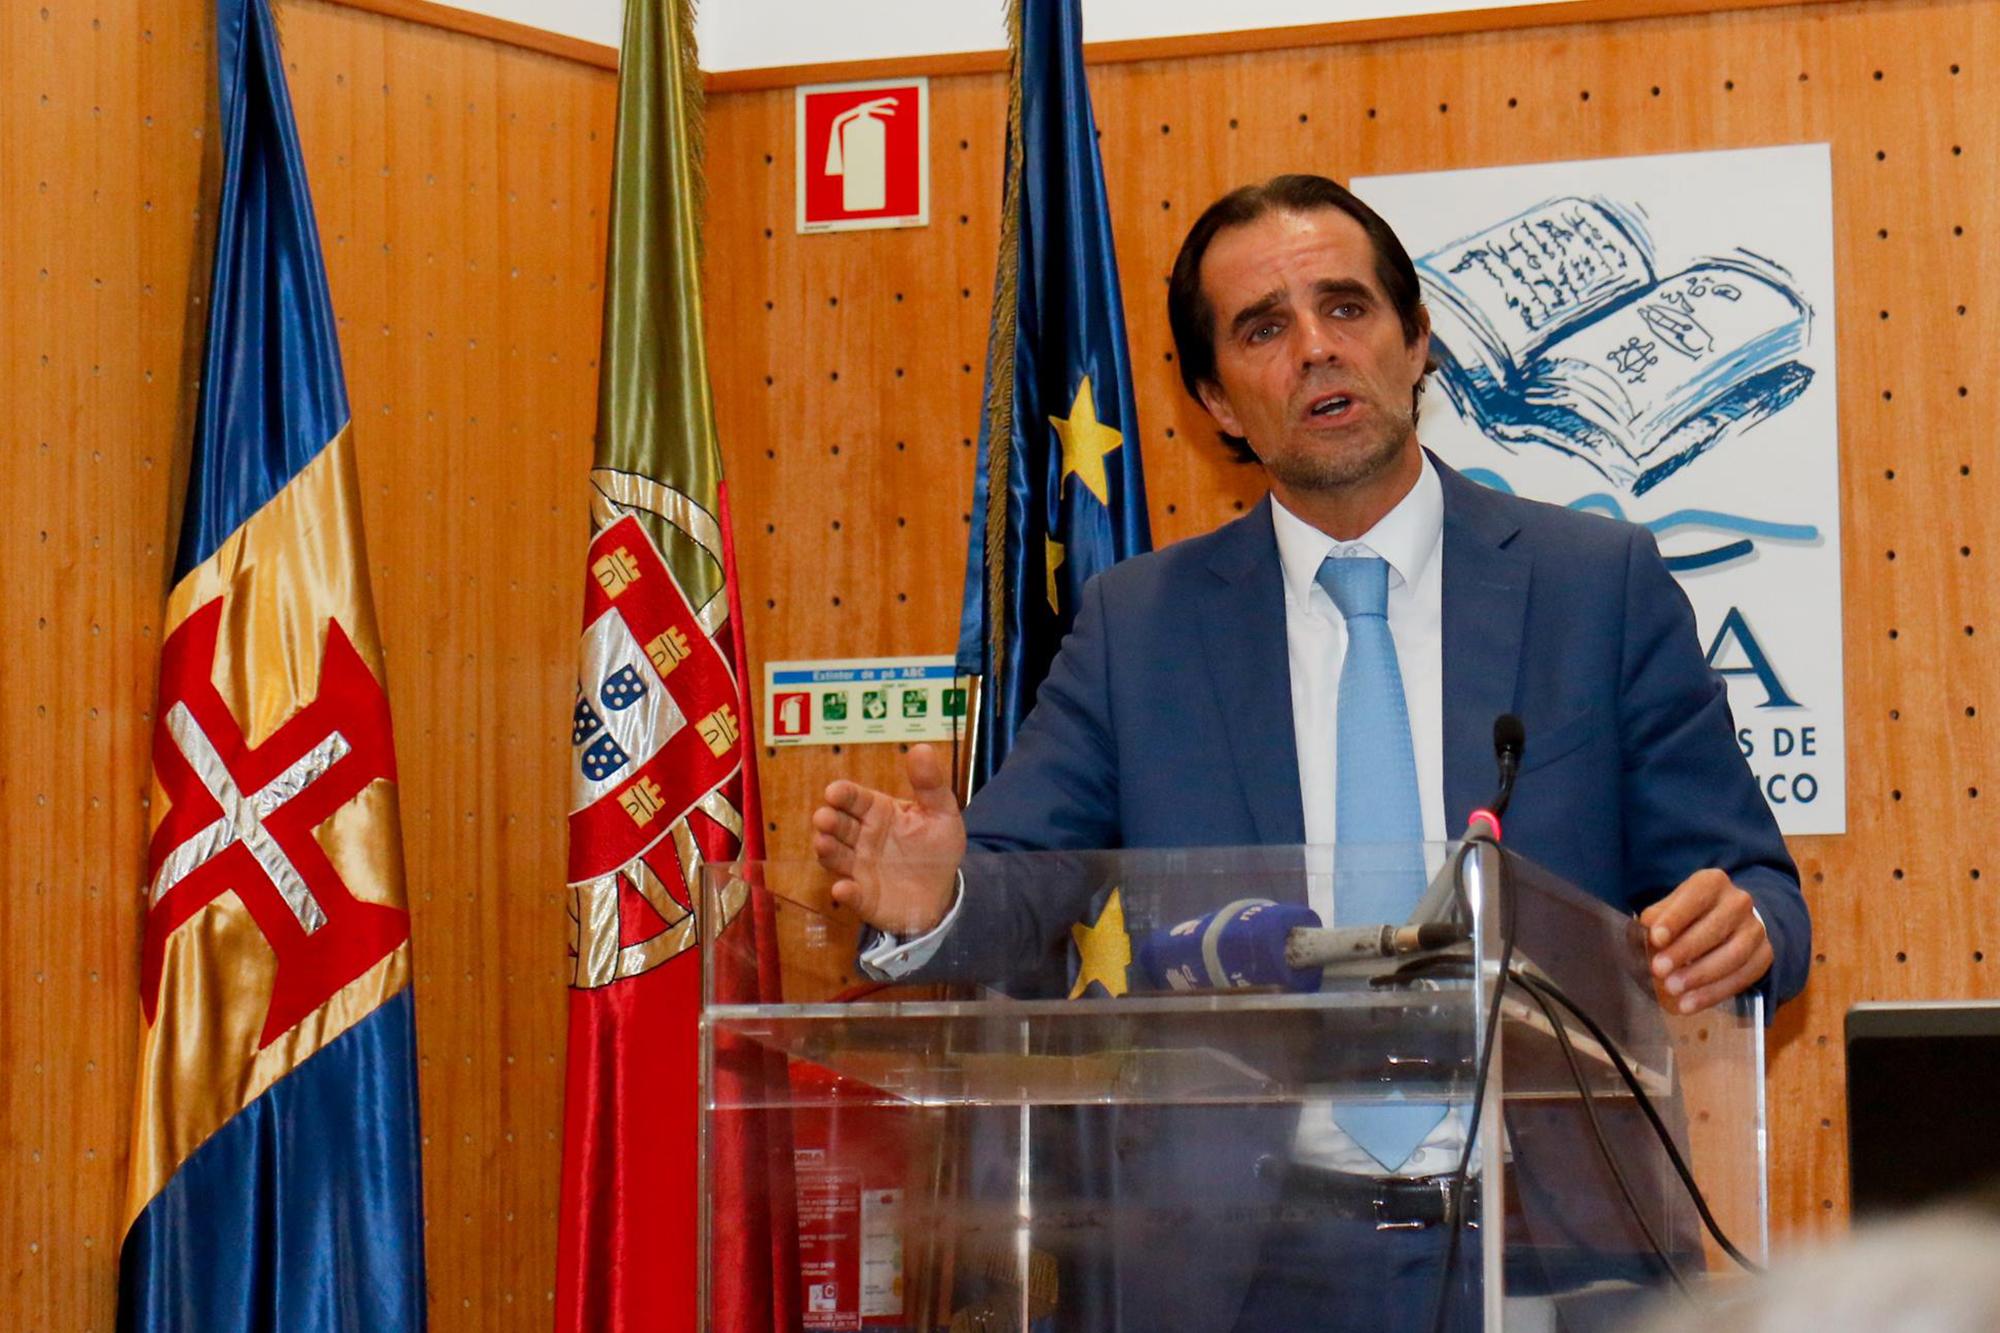 Presidente do GR quer reforçar programa da saúde oral no Pré-Escolar e 1º Ciclo